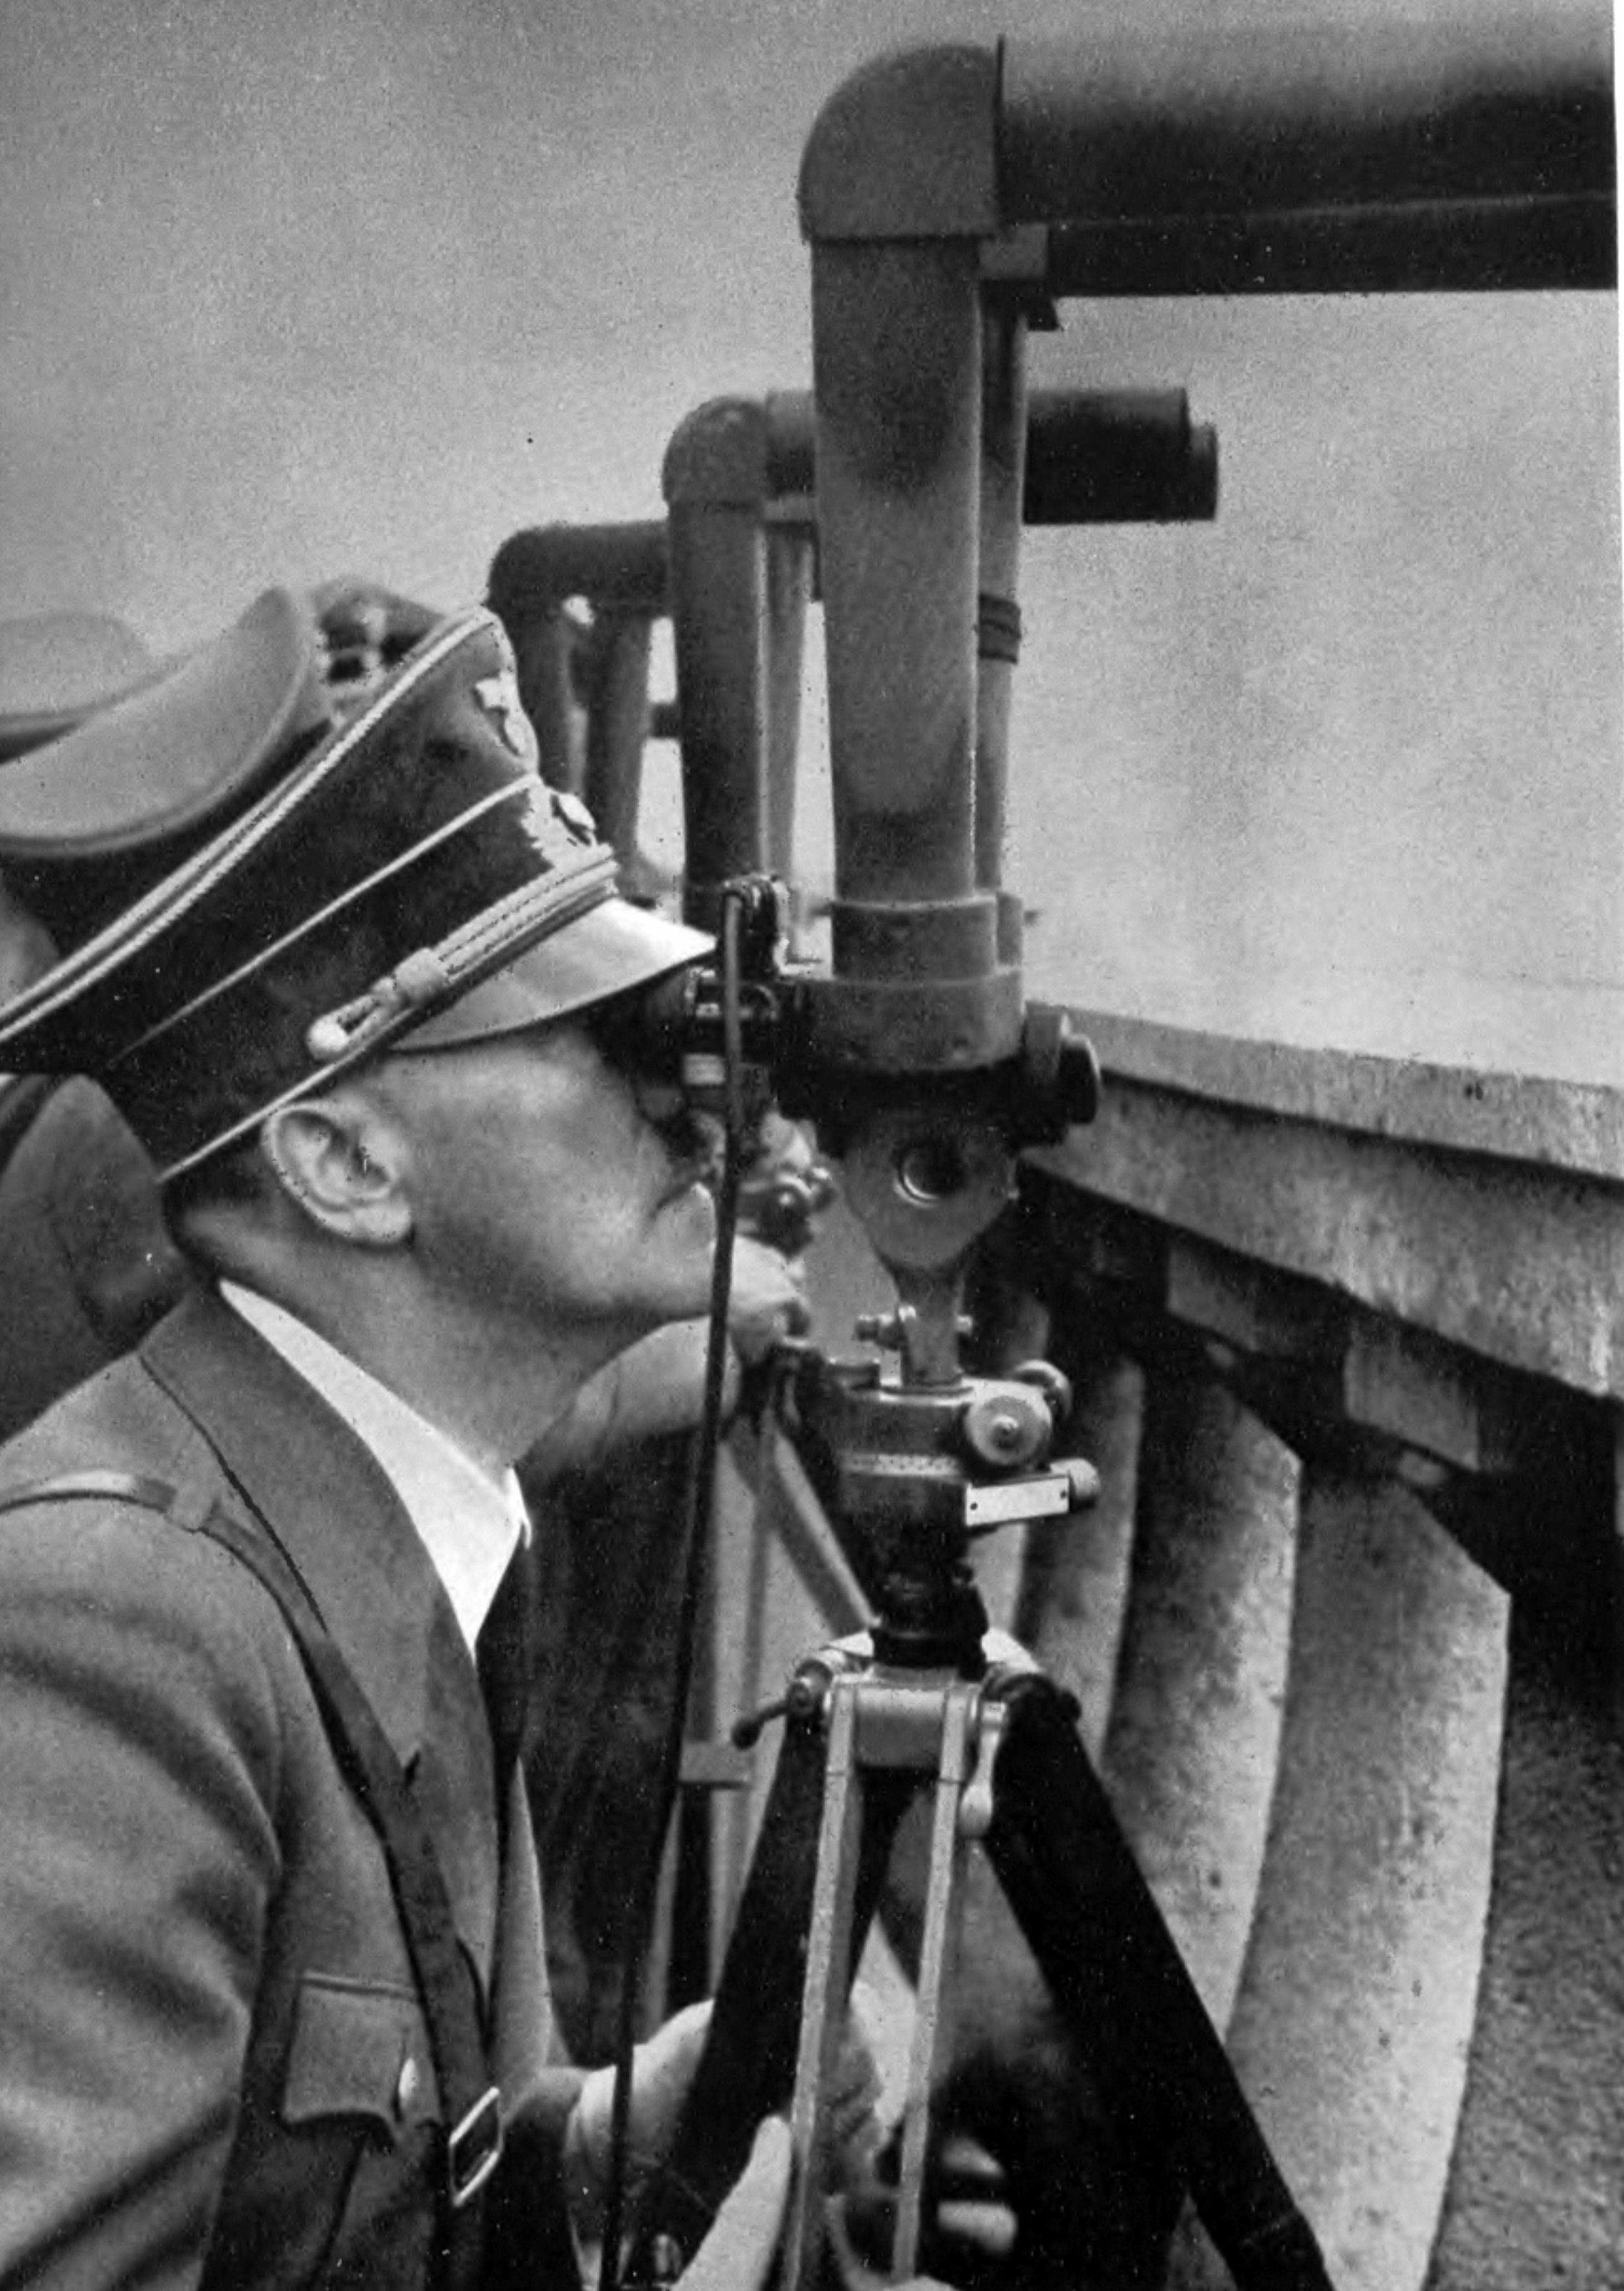 Hitler pod Warszawą Adolf Hitler z praskiej strony Warszawy obserwuje bombardowanie miasta.